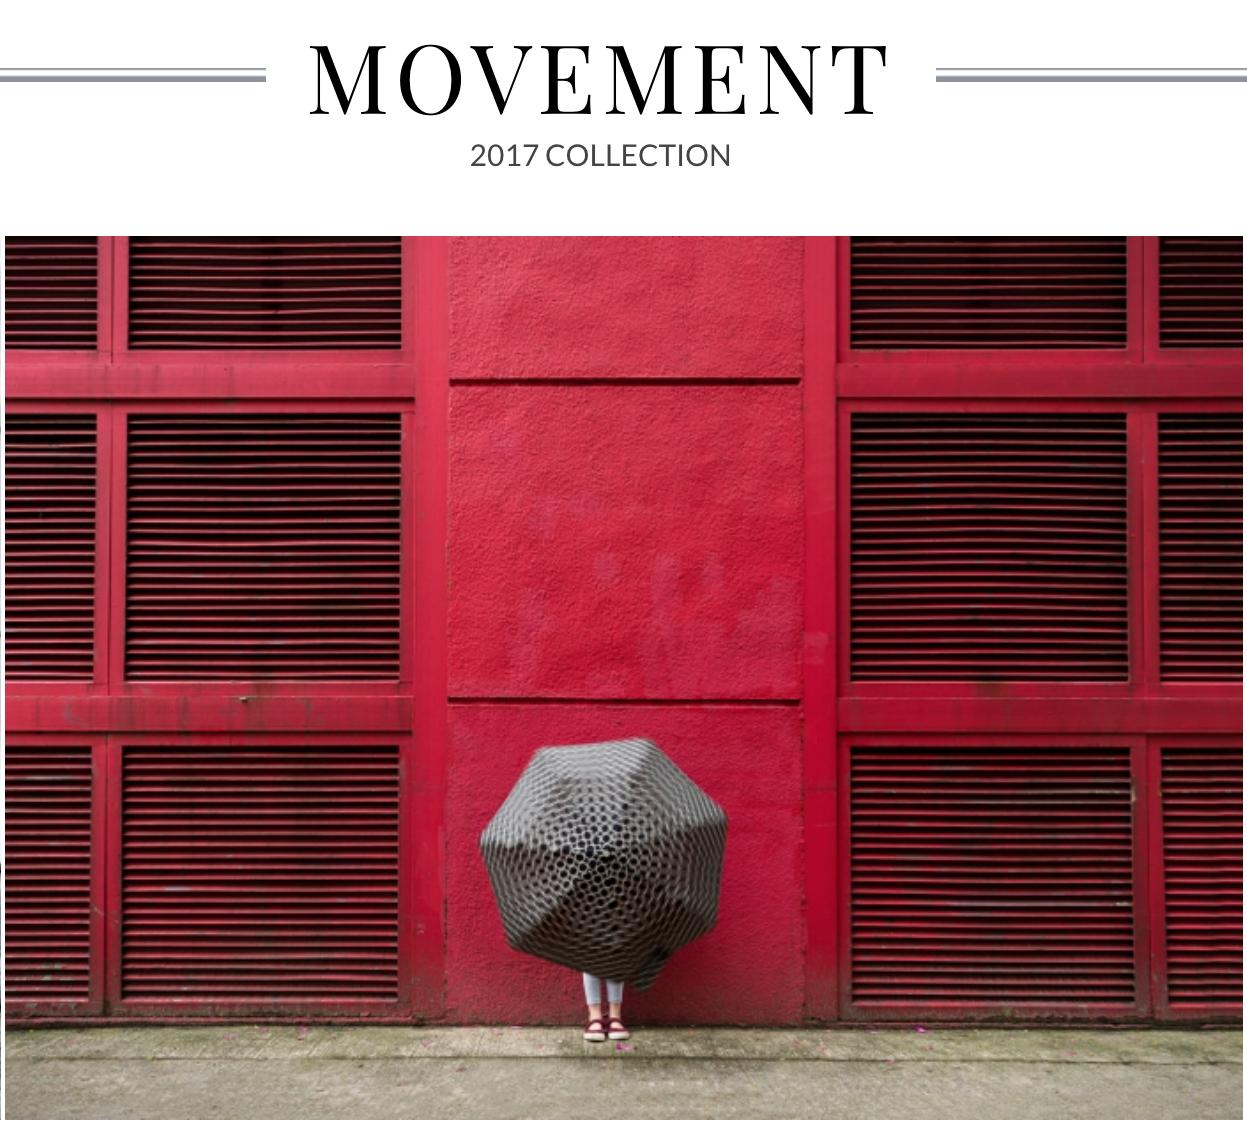 Voice_2017_movement_finalist_thumbnail_rebecca_hunnicutt_farren.png